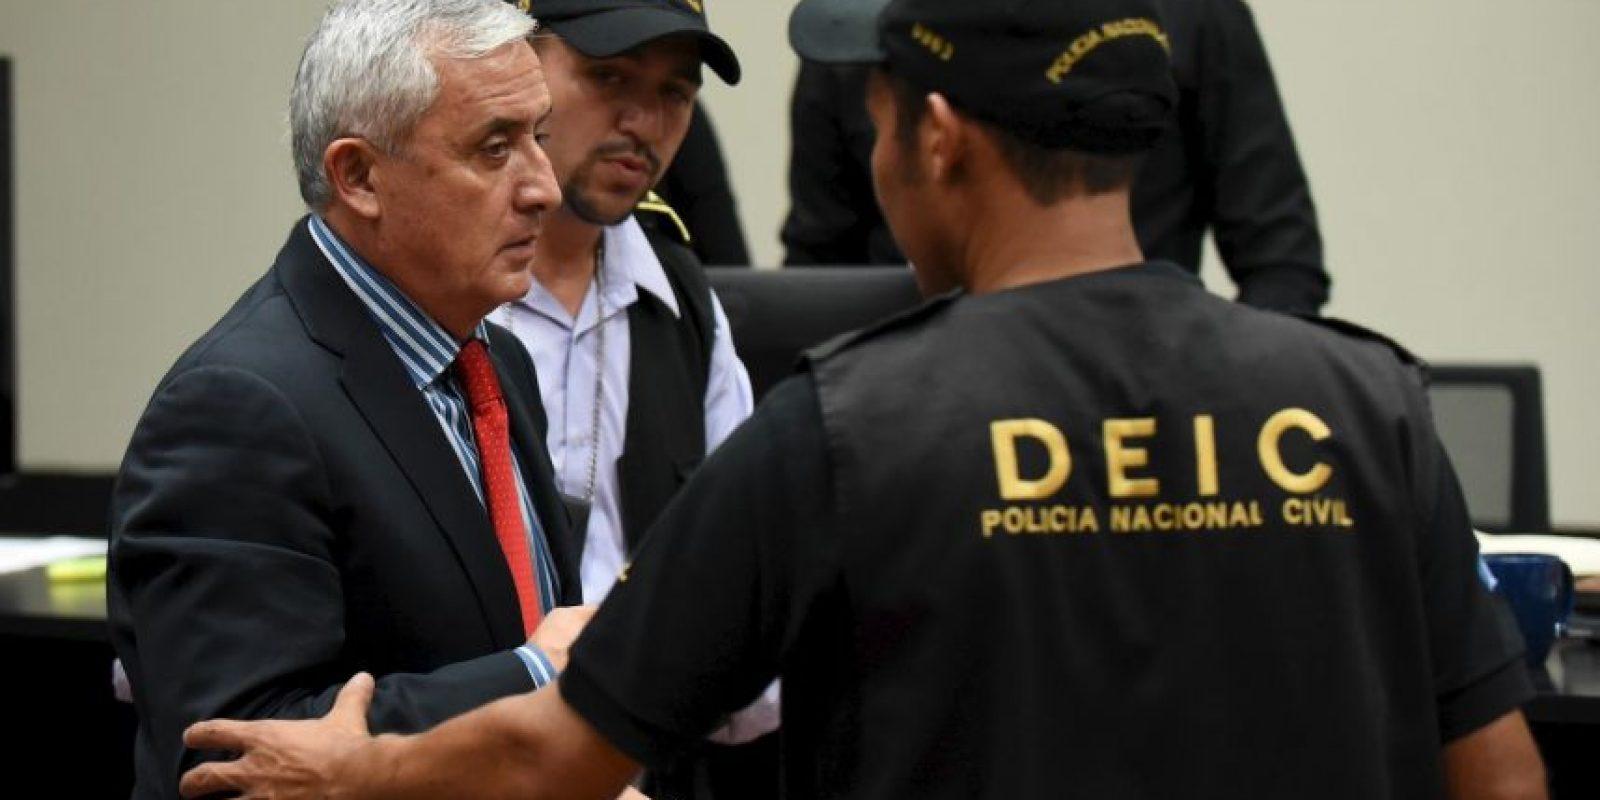 Esto sucedió el mismo día en que Otto Pérez Molina compareció ante la justicia Foto:AFP